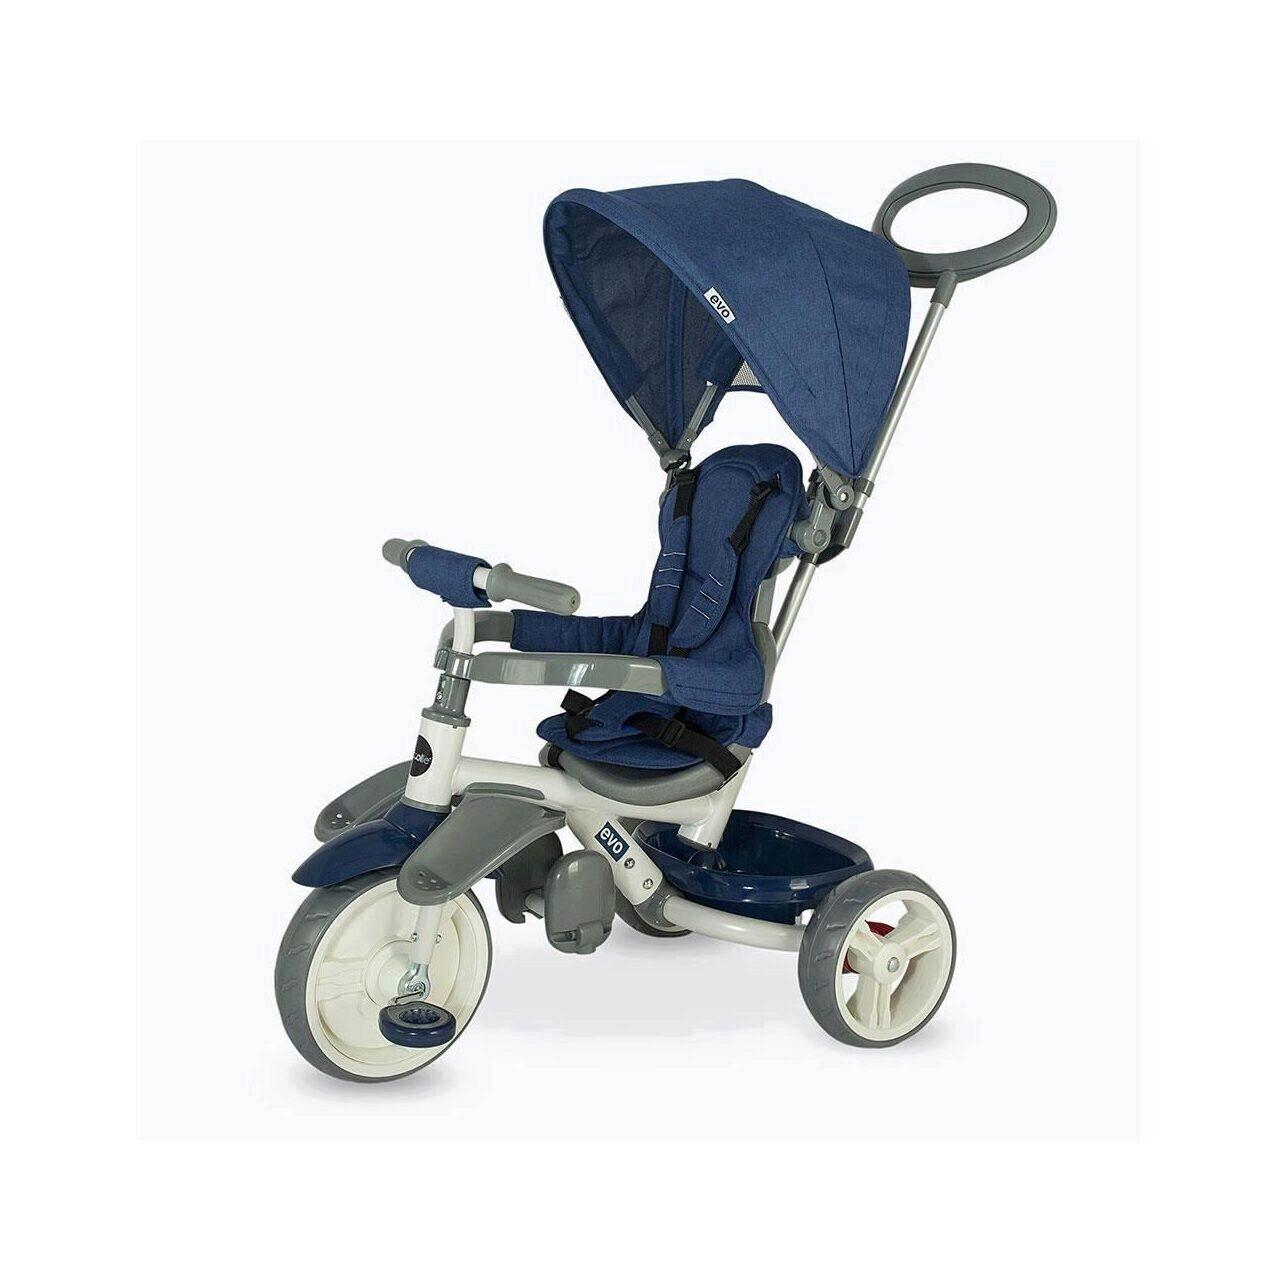 Tricicleta pentru copii COCCOLLE Evo albastru